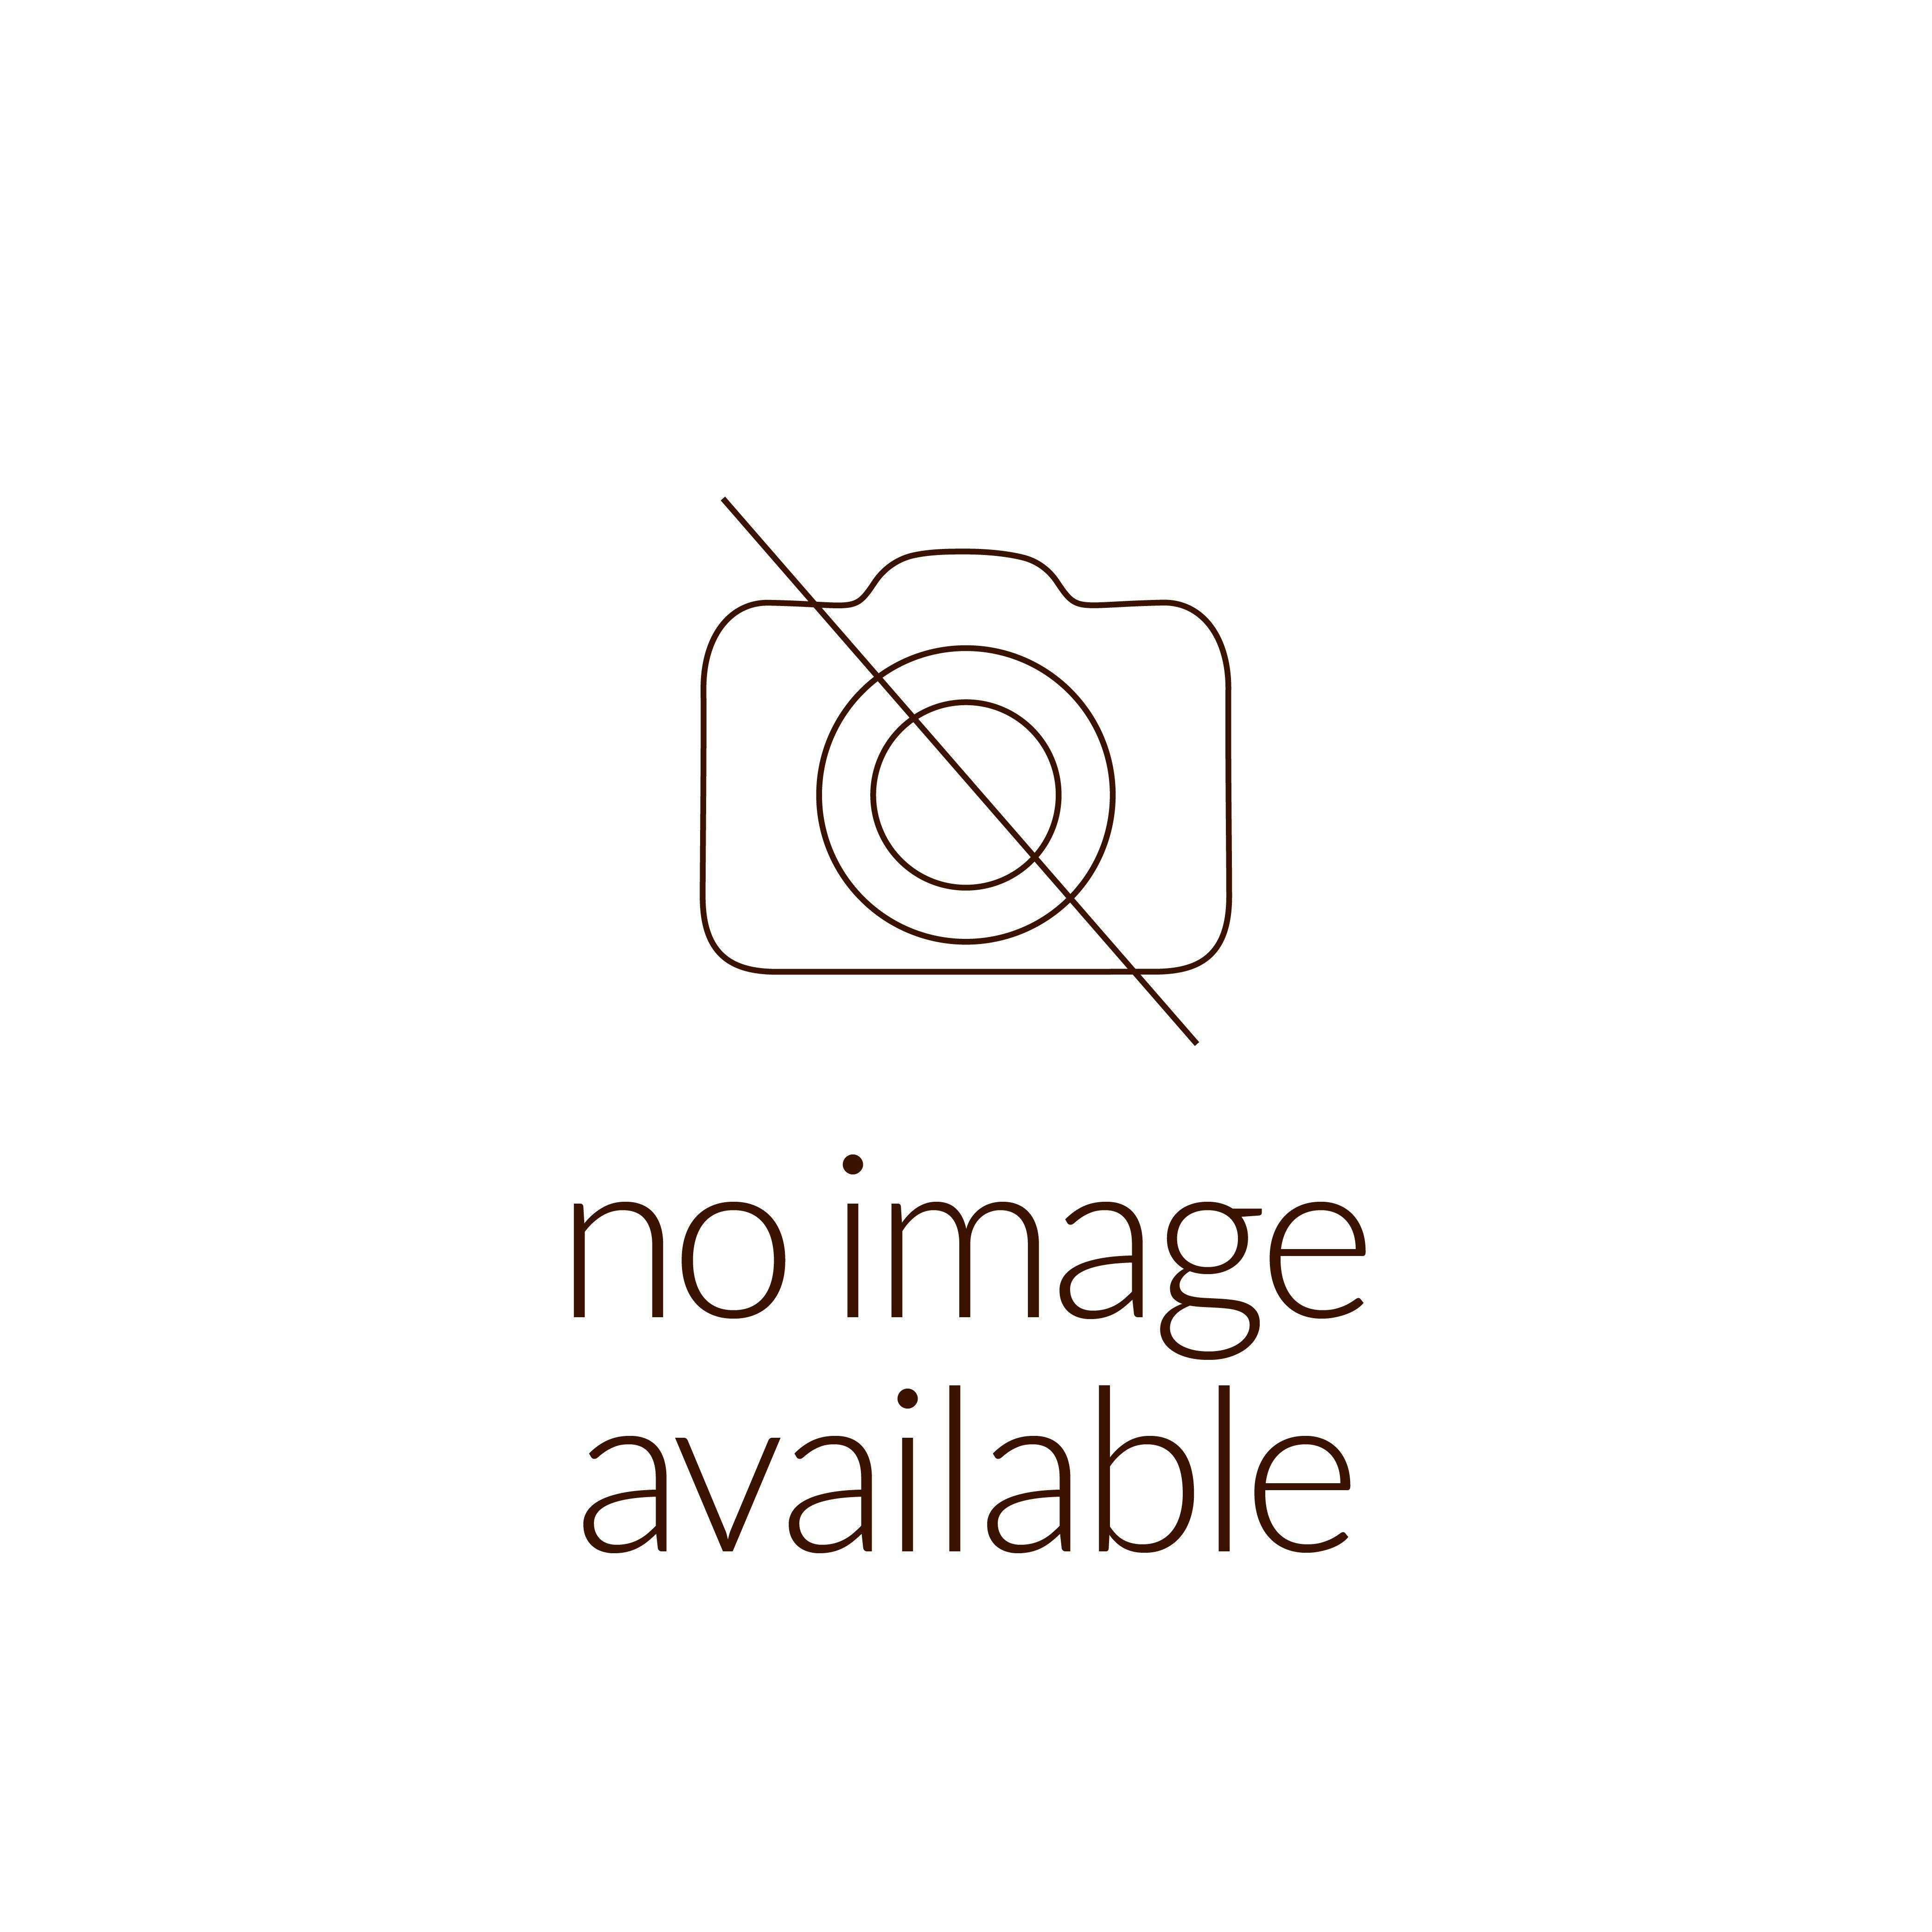 זהב להשקעה, מטיל זהב טהור, 10 גרם - צד הנושא